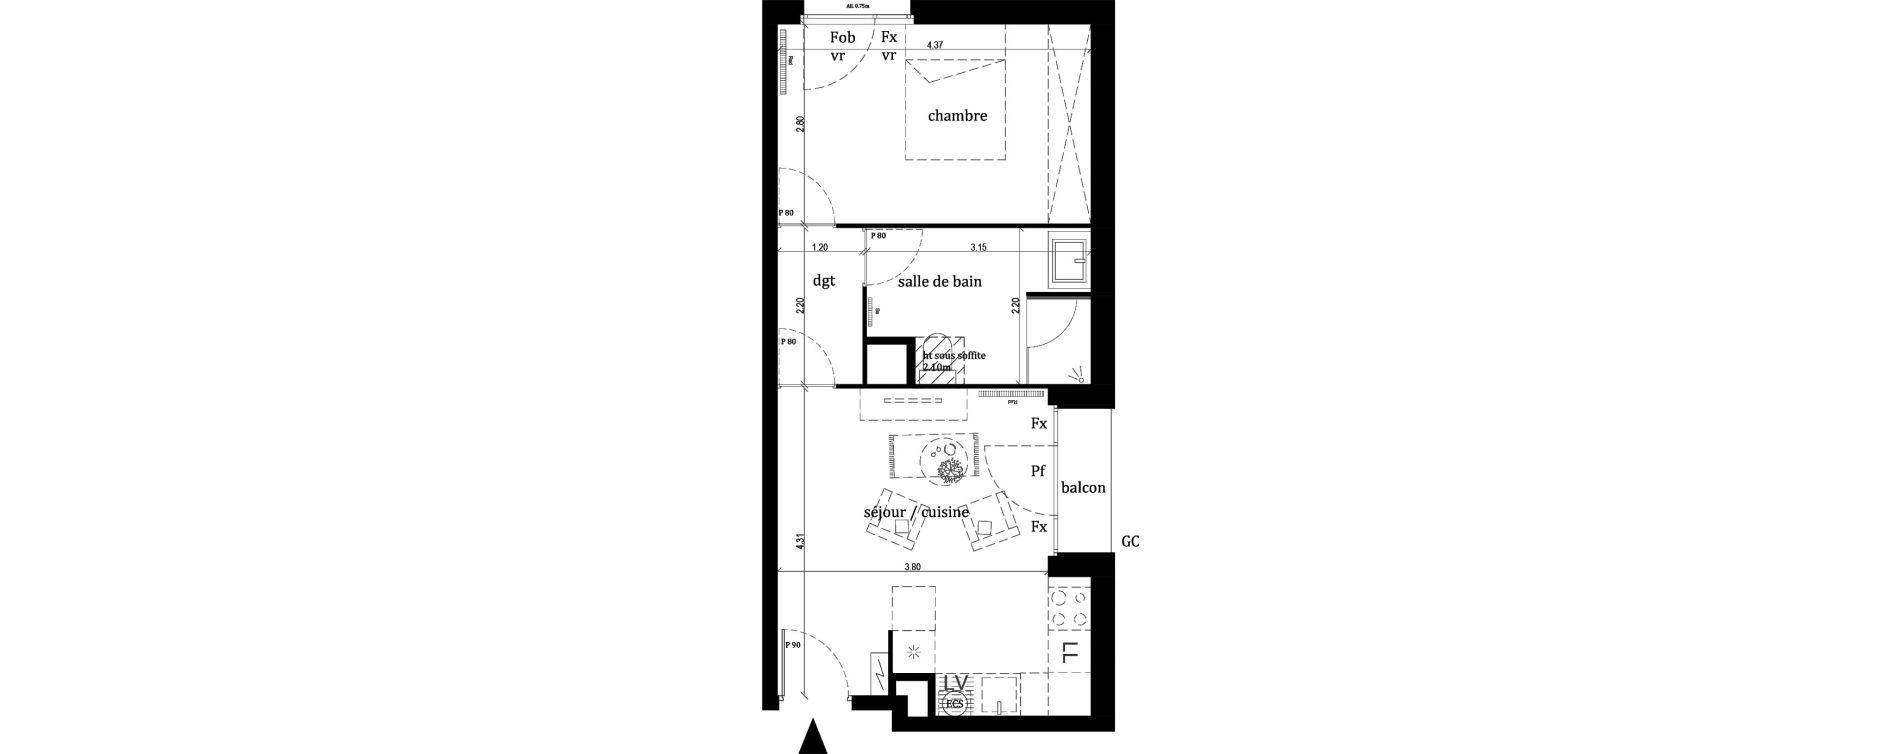 Appartement T2 de 39,30 m2 à Lille Lille sud